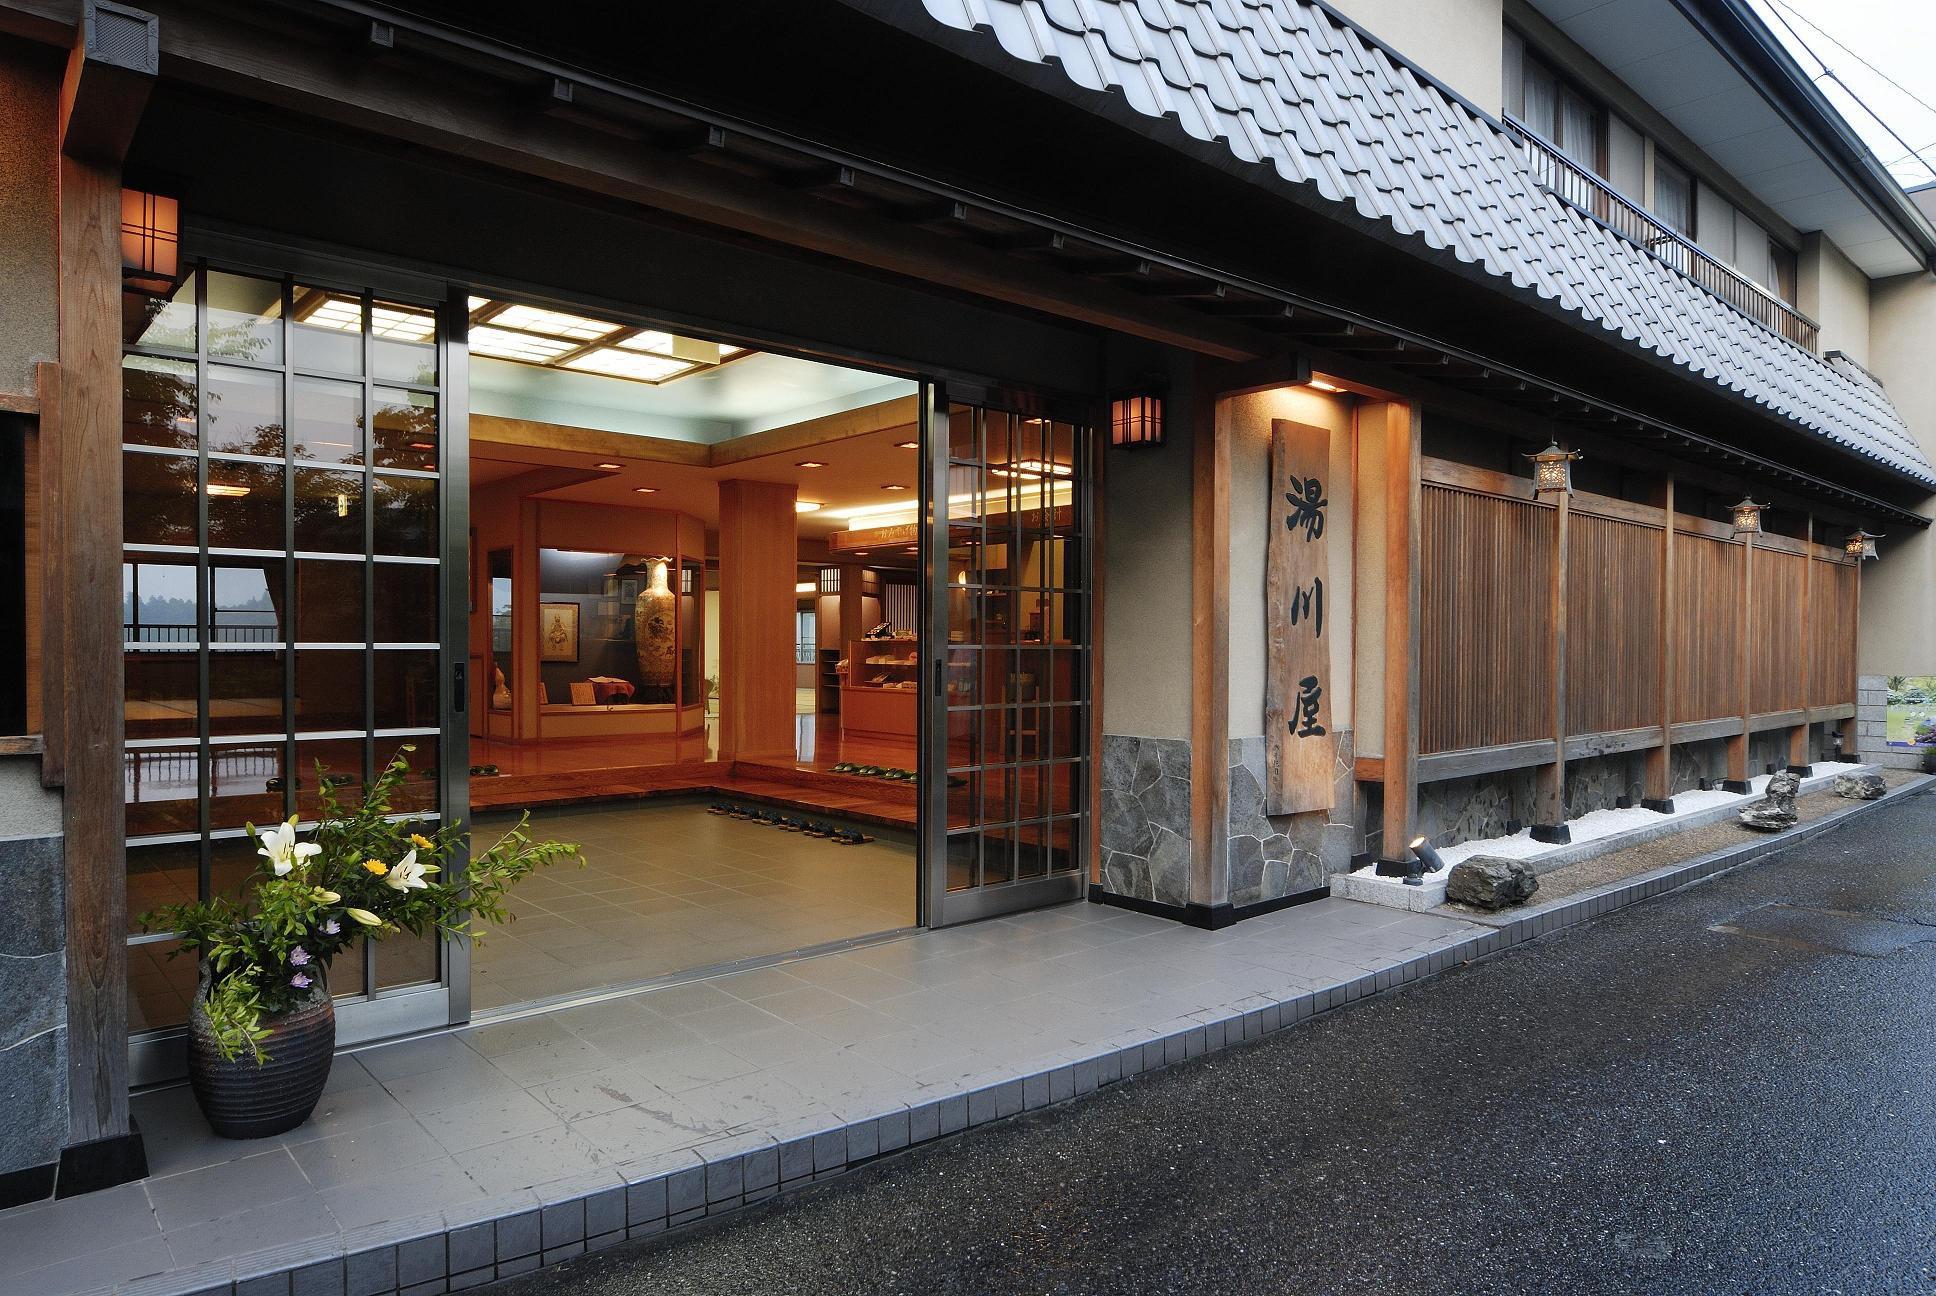 吉野荘 湯川屋